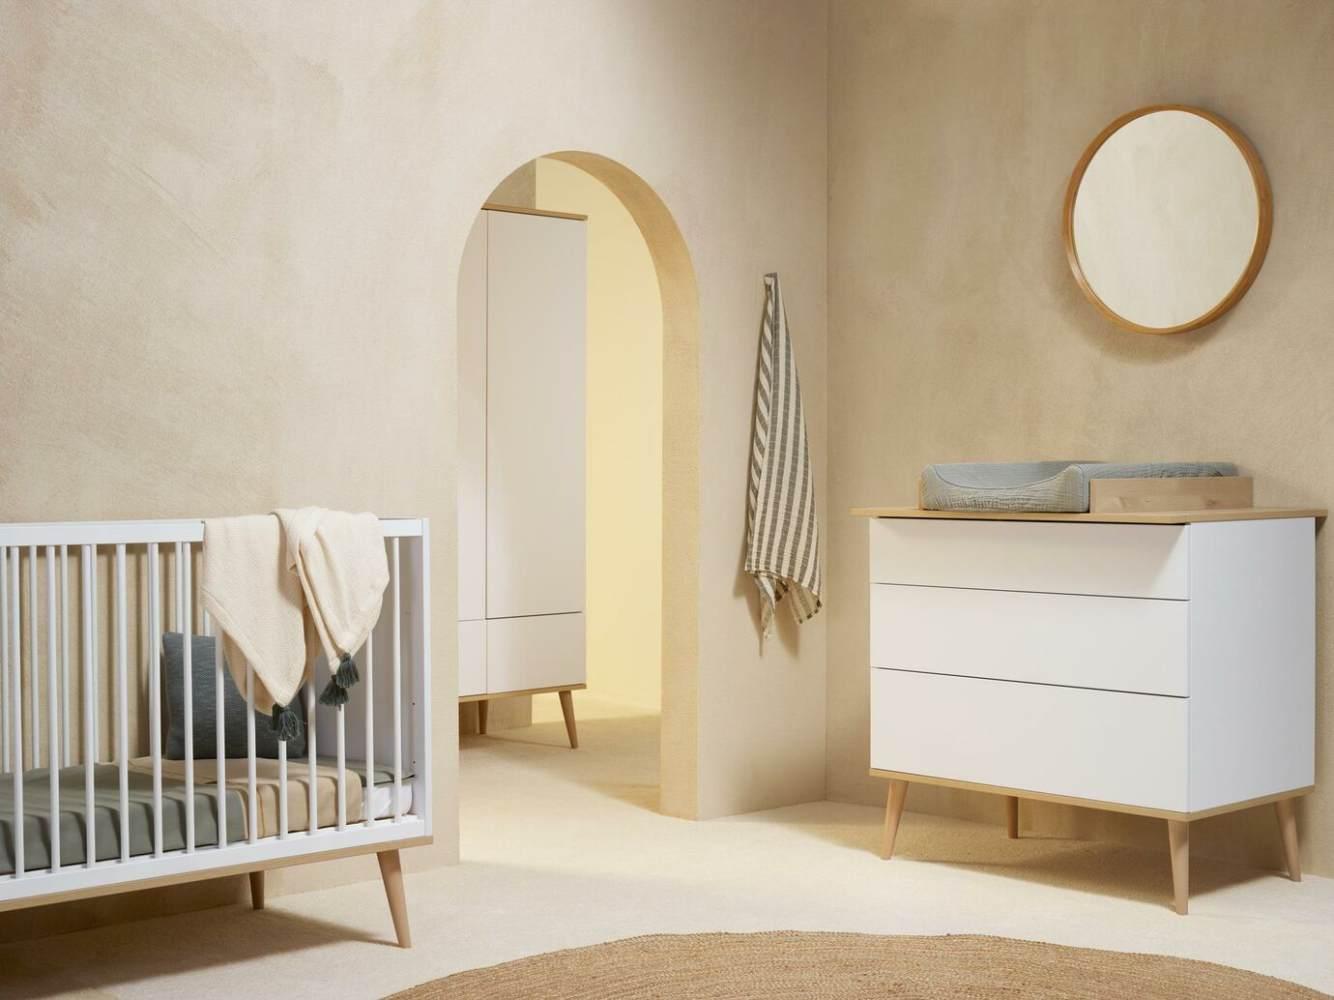 Quax 'Flow' 3-tlg. Kinderzimmerset, White & Oak, aus Bett 60 x 120 cm, Wickelkommode und 3-trg. Kleiderschrank Bild 1